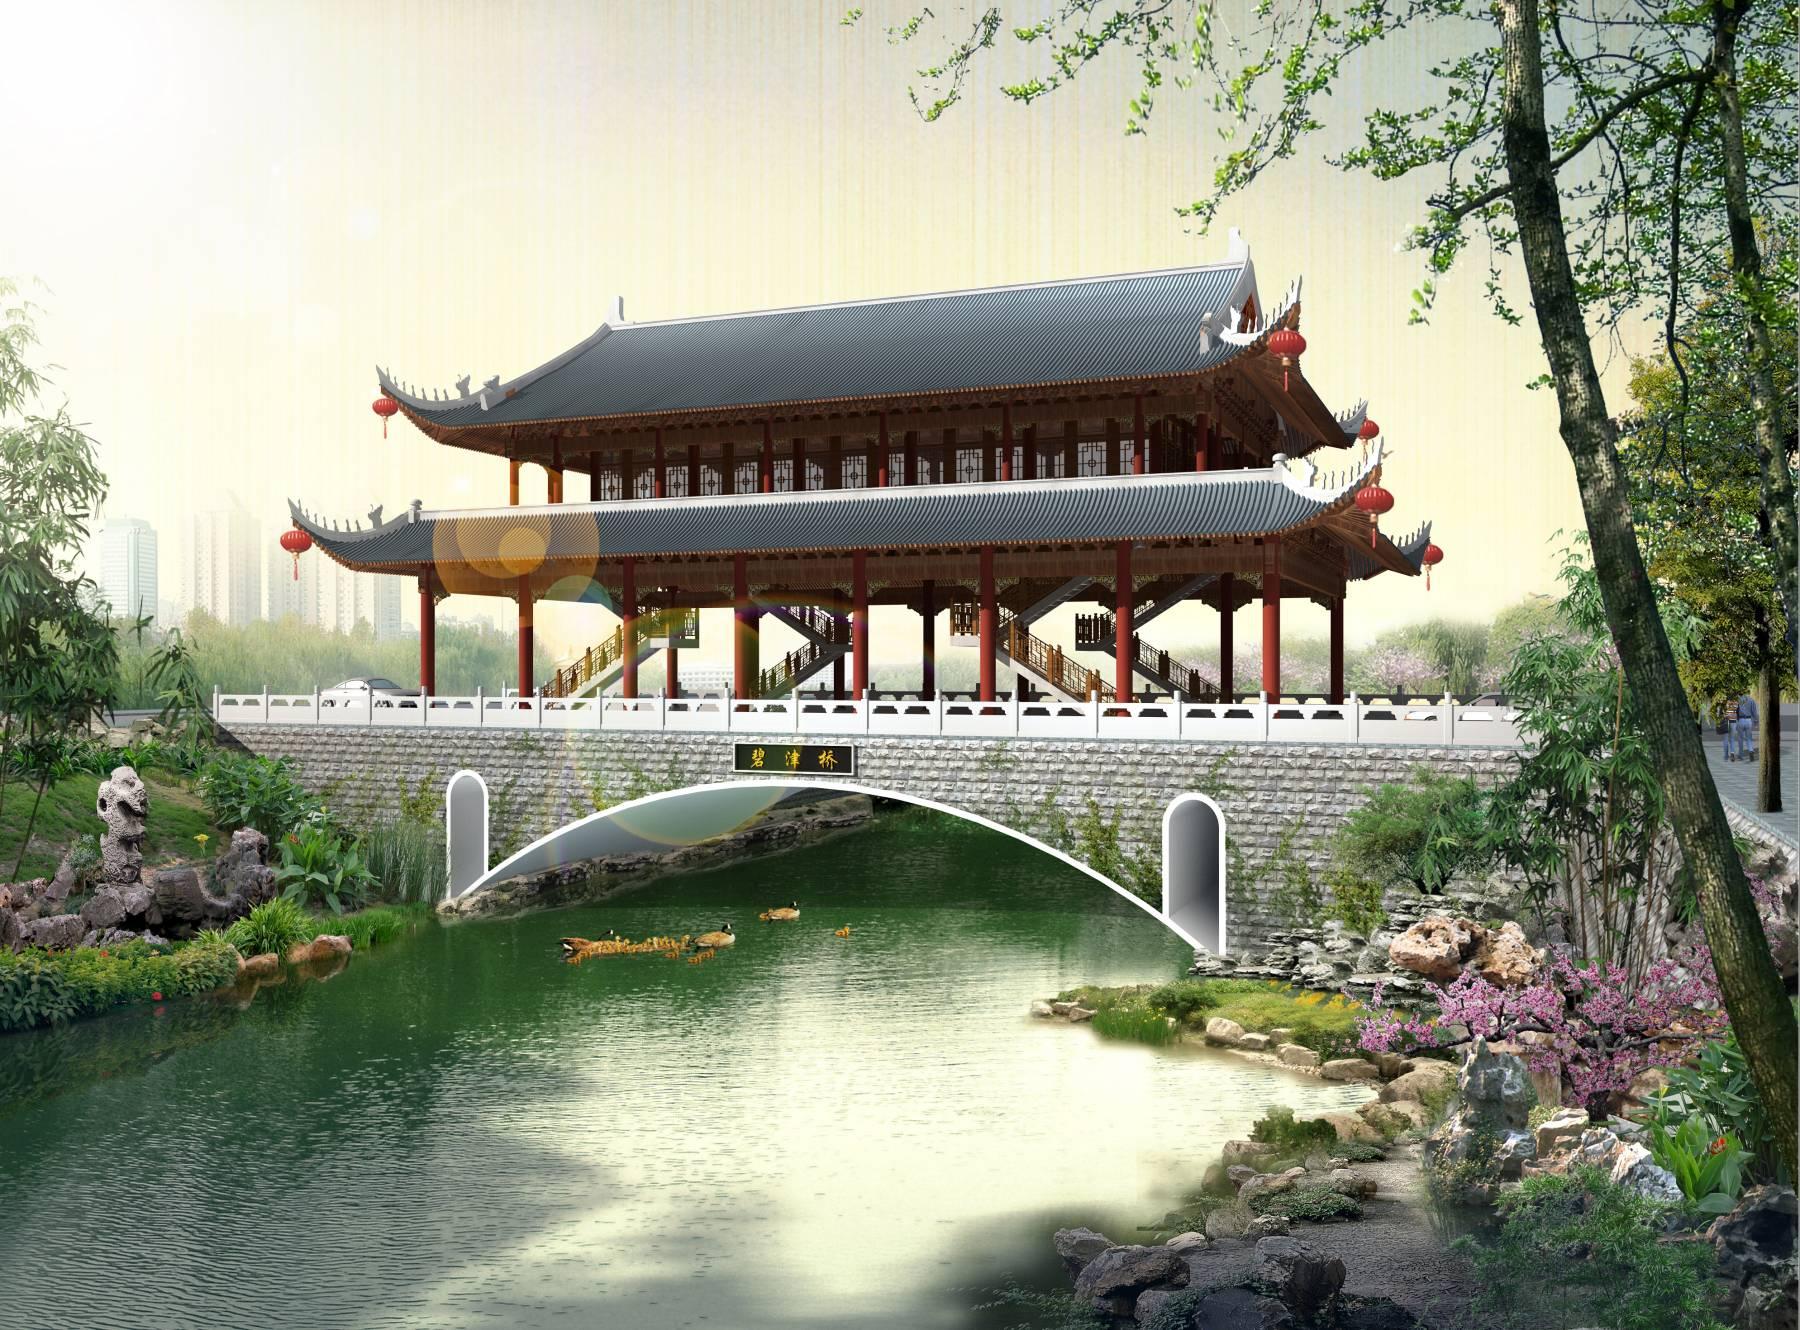 中式--大桥